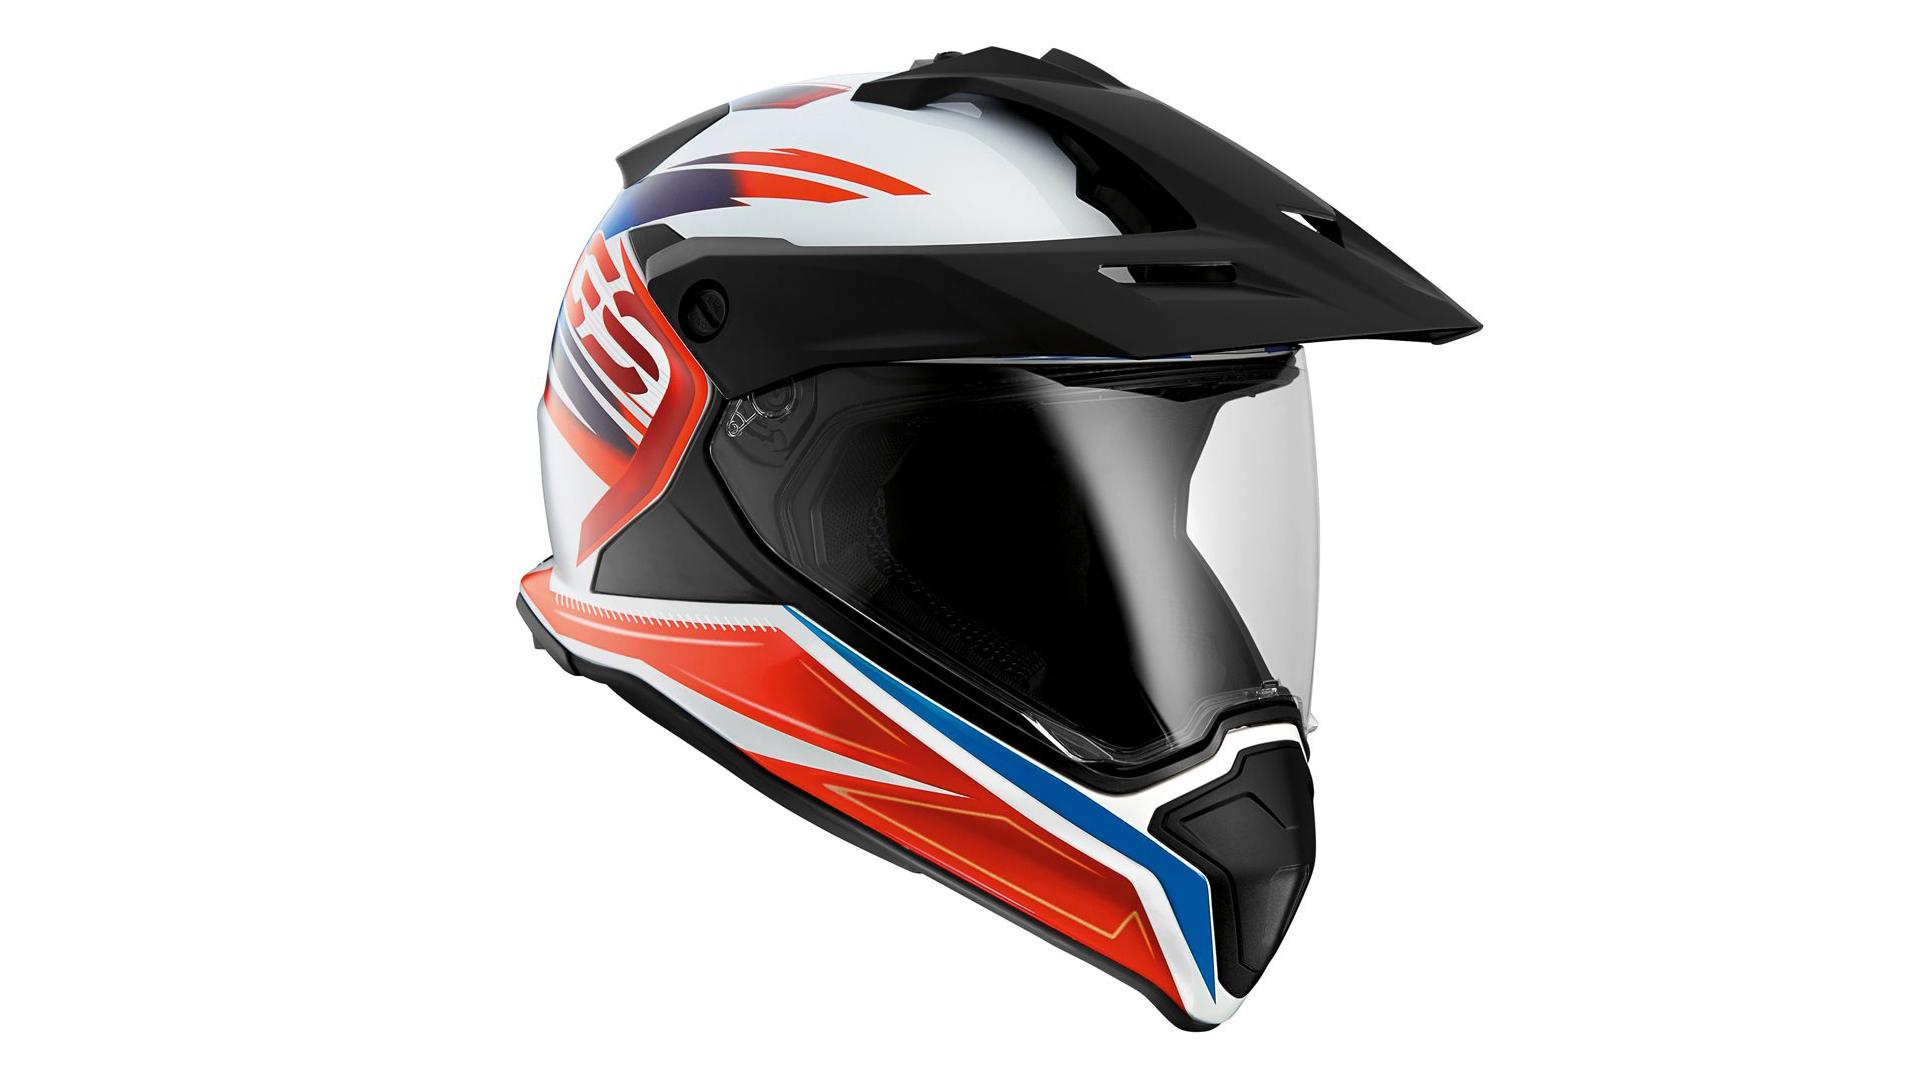 wp_BMW-GS-enduro-helmet_0005_b-f_W3000356-bmw-helm-gs-endurohelm-635514839606584872